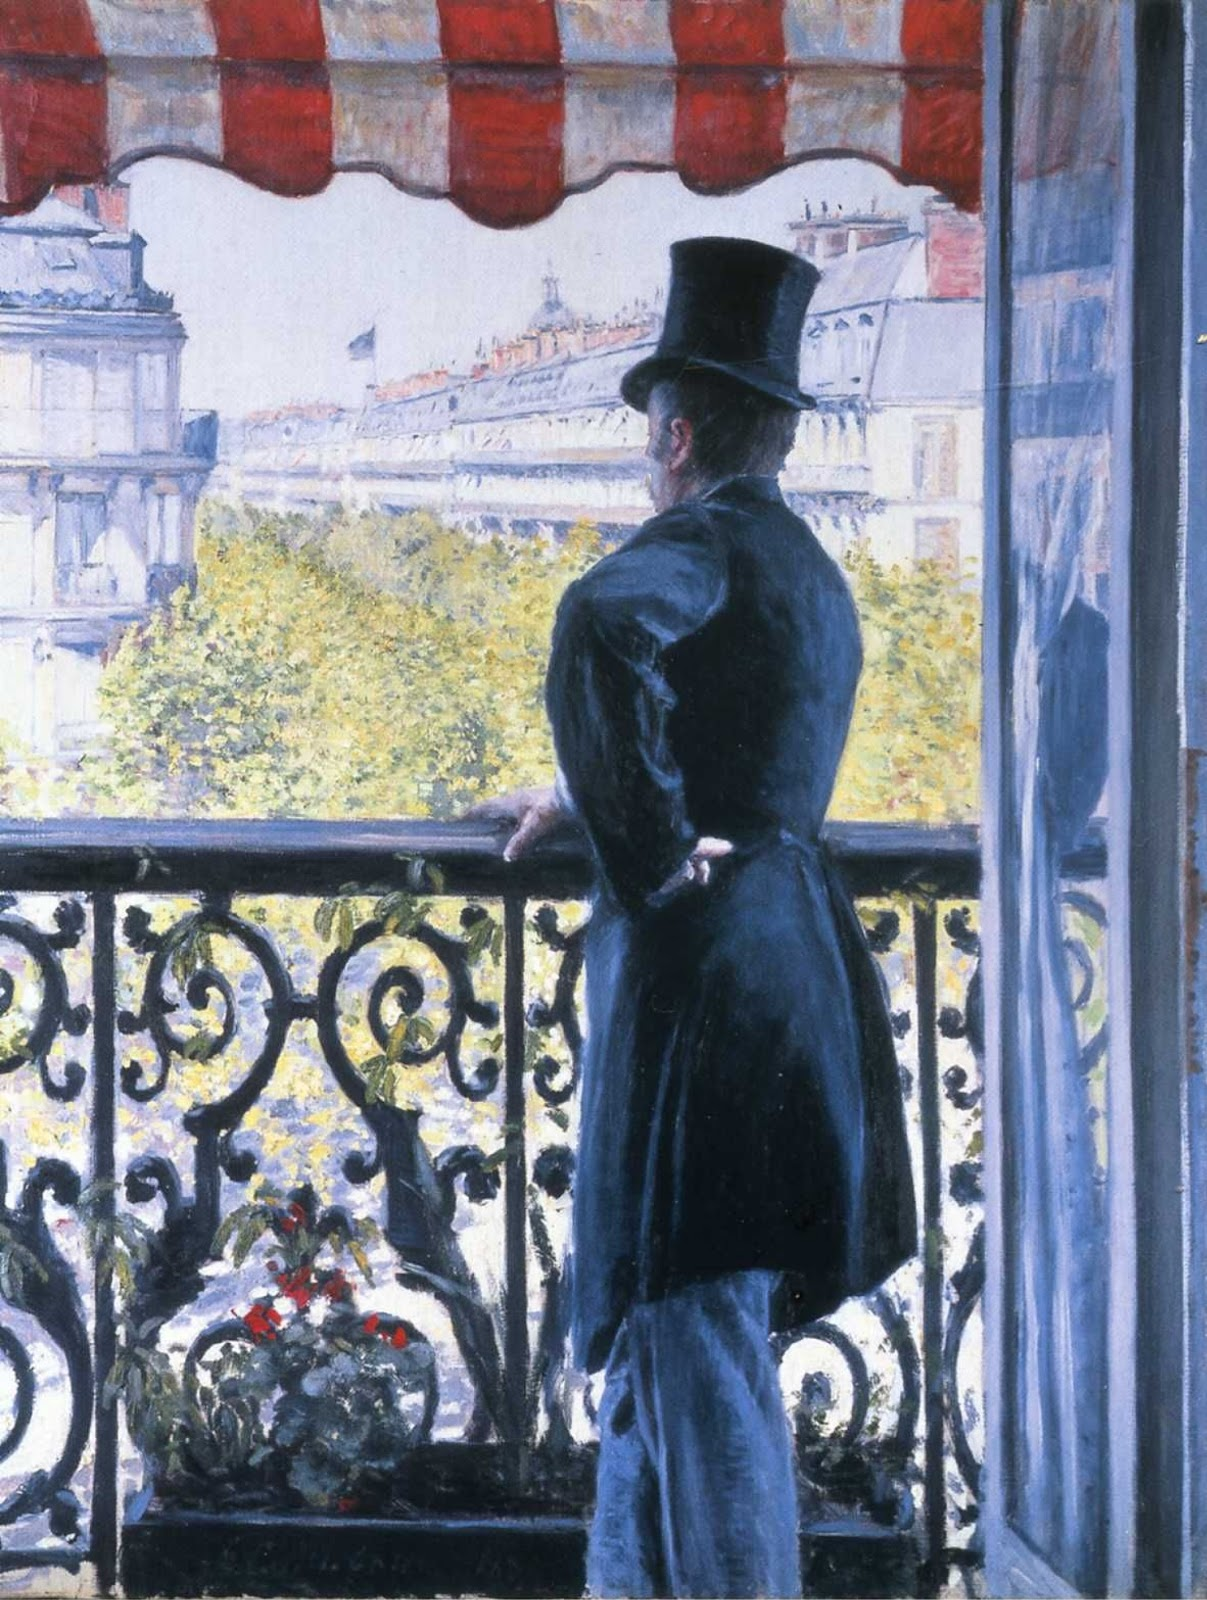 Gustave Caillebotte, L'uomo sul balcone. Boulevard Haussmann (1880 circa; olio su tela, 116,5 x 89,5 cm; collezione privata)